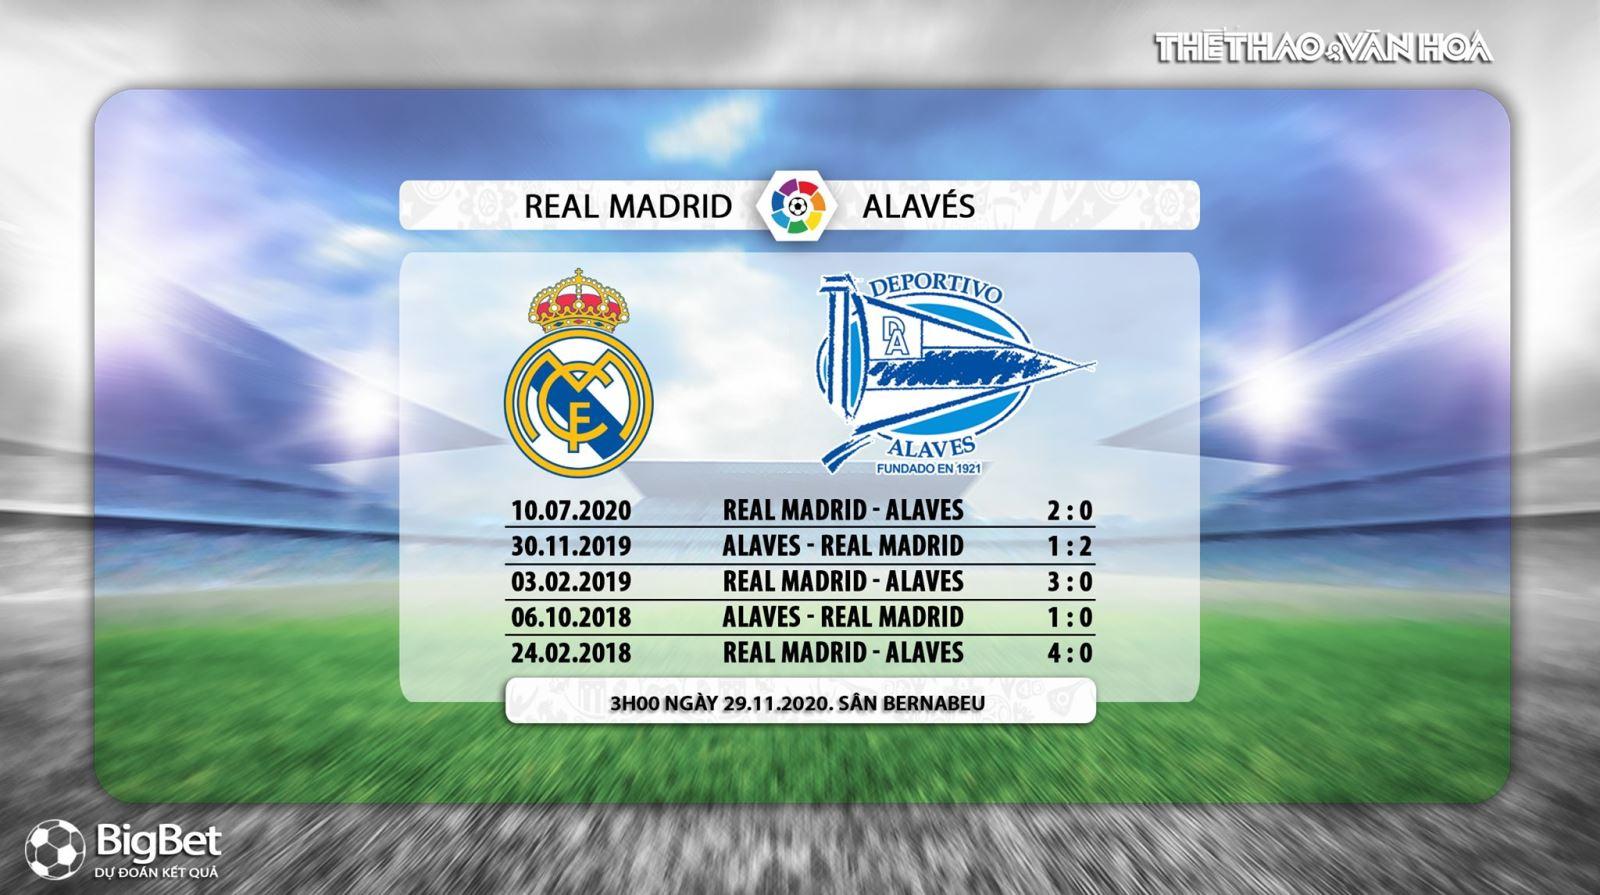 Keo nha cai, Kèo nhà cái, Real Madrid vs Alaves, Vòng 11 La Liga, BĐTV trực tiếp, trực tiếp bóng đá Tây Ban Nha, xem trực tiếp Alaves đấu với Real Madrid, kèo Real Madrid